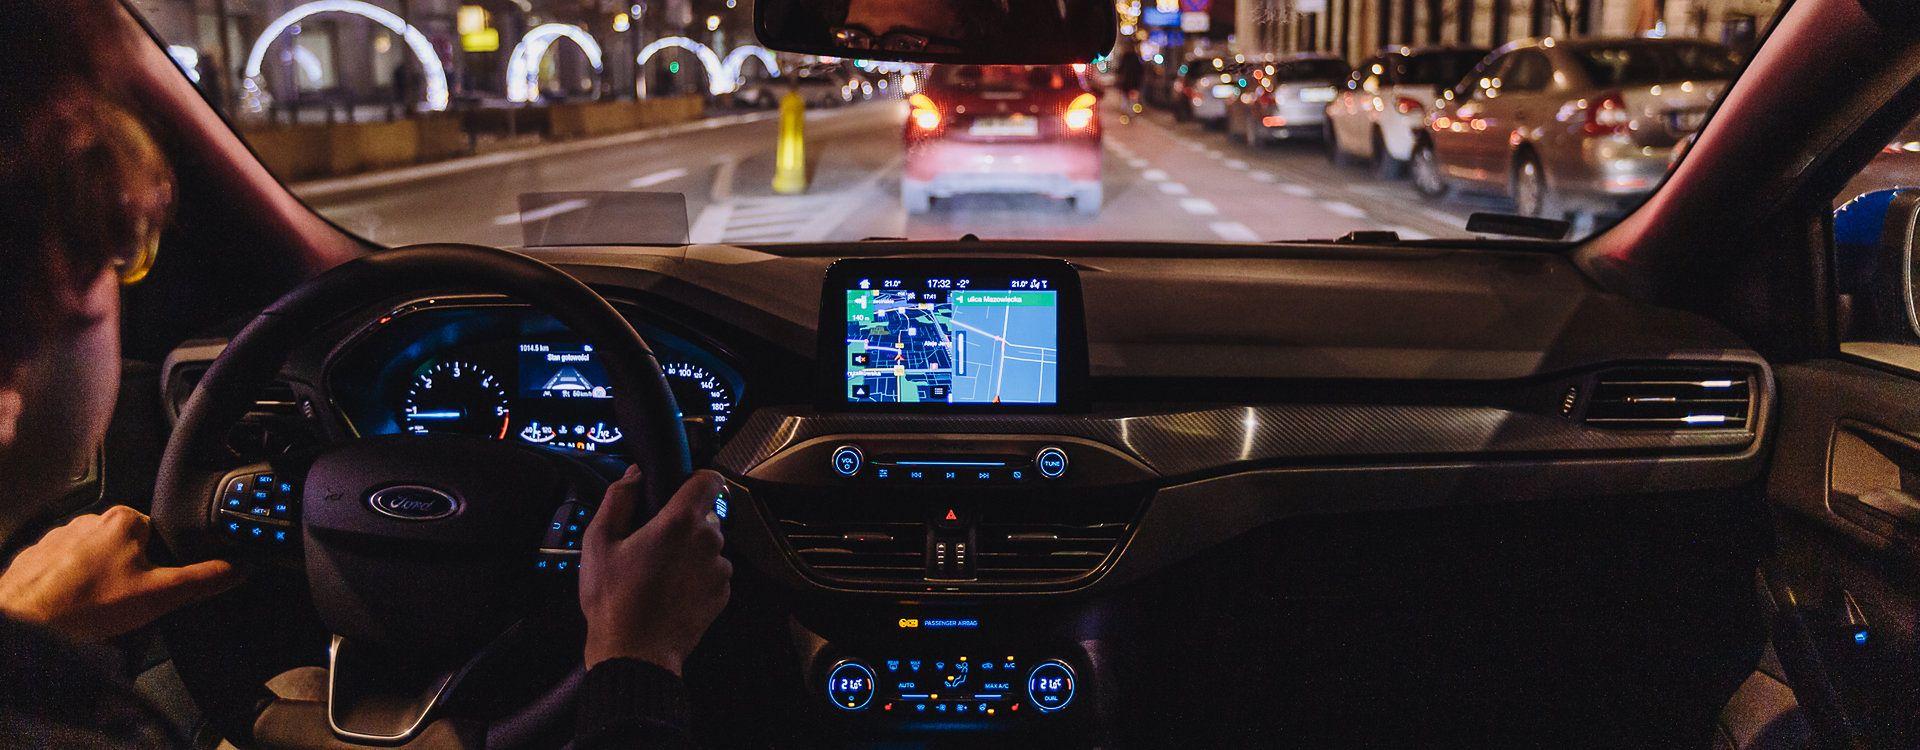 Nowy Ford Focus Sprawil Ze Zapomnialem O Nawigacji W Telefonie